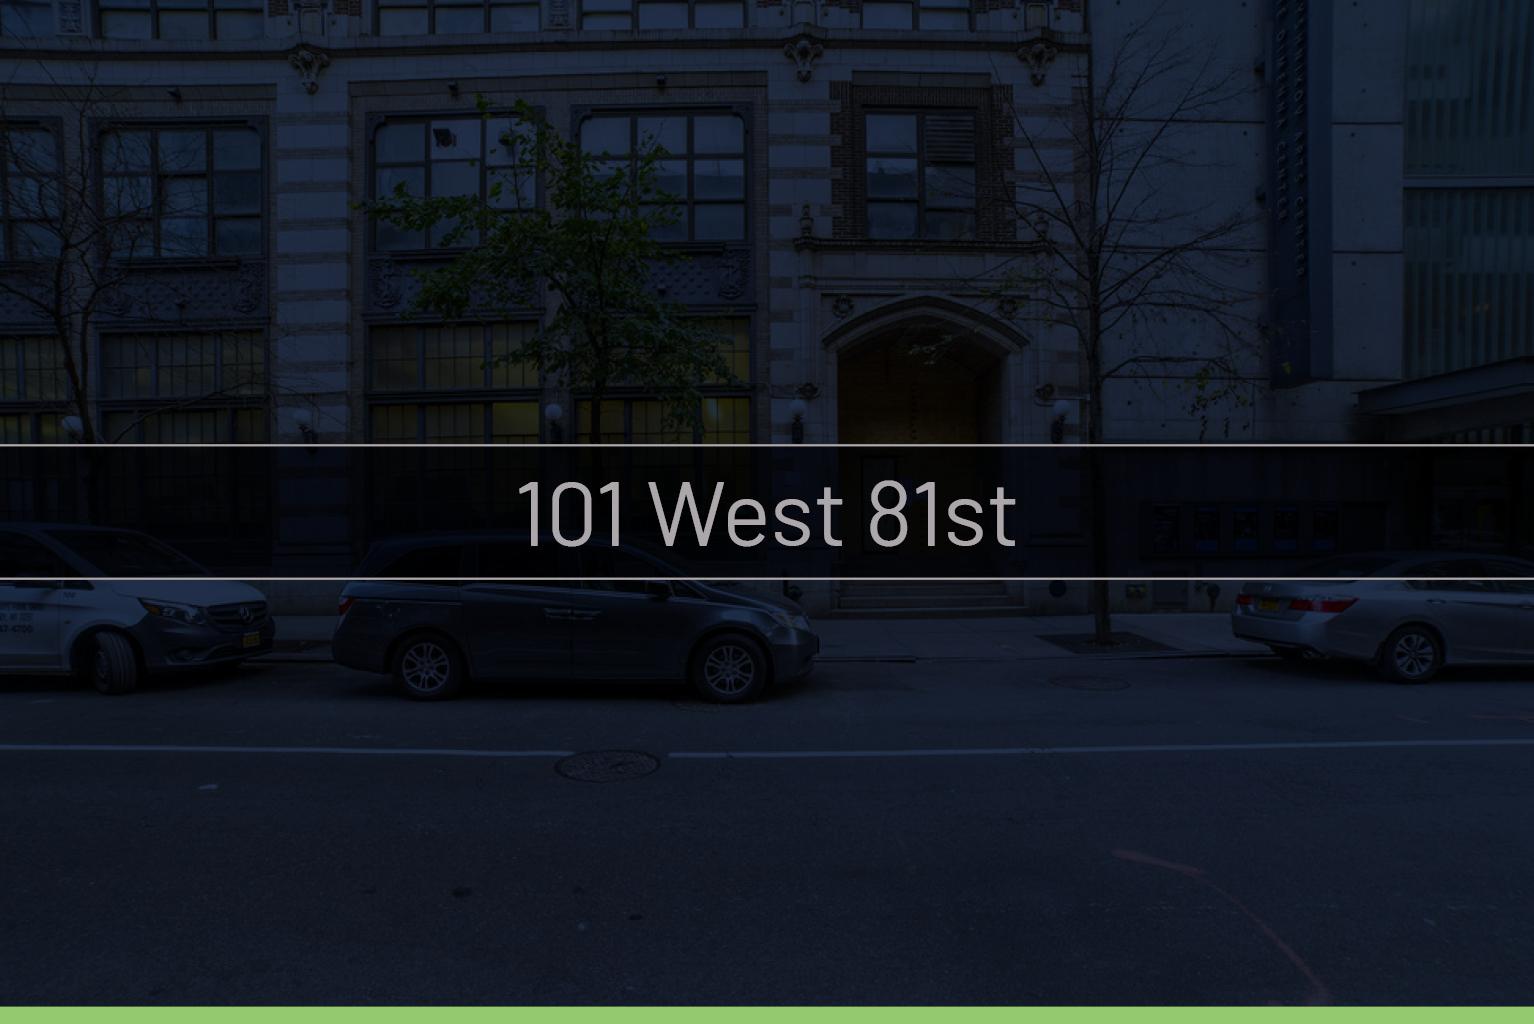 101West81st